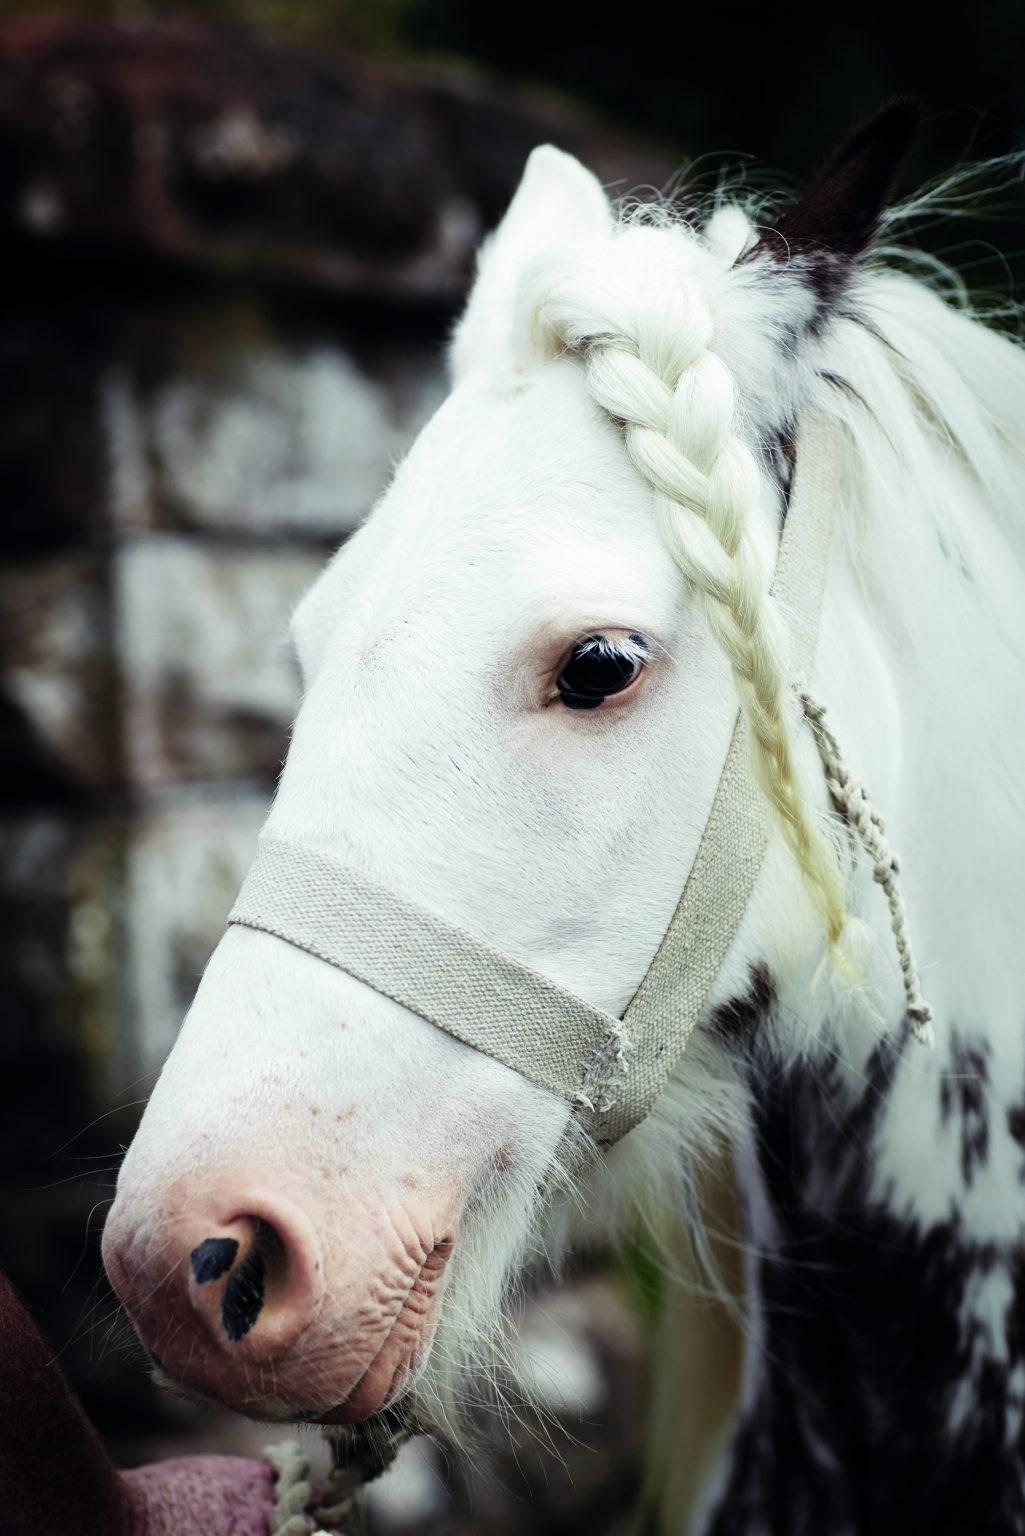 Appleby, United Kingdom, June 2015 - Appleby Horse Fair. The horse Billy Bob with a tress. ><  Appleby, Regno Unito, giugno 2015 - Appleby Horse Fair. Il cavallo Billy Bob con una treccia. *** Local Caption ***